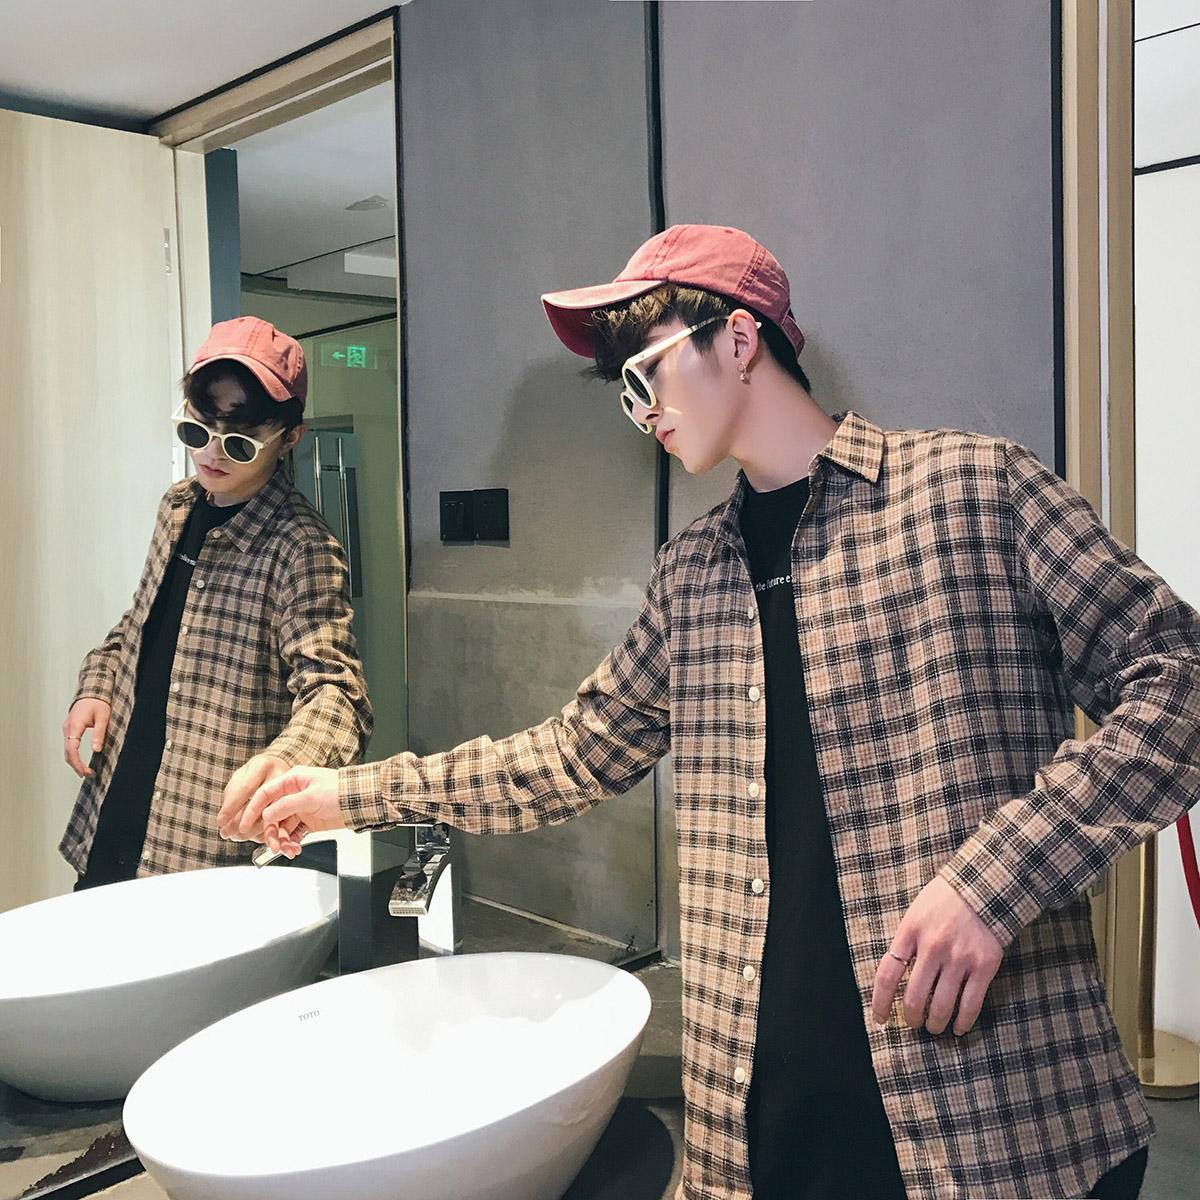 秋季港风格子衬衫男士大码长袖韩版休闲帅气衬衣男装外套C05 P35